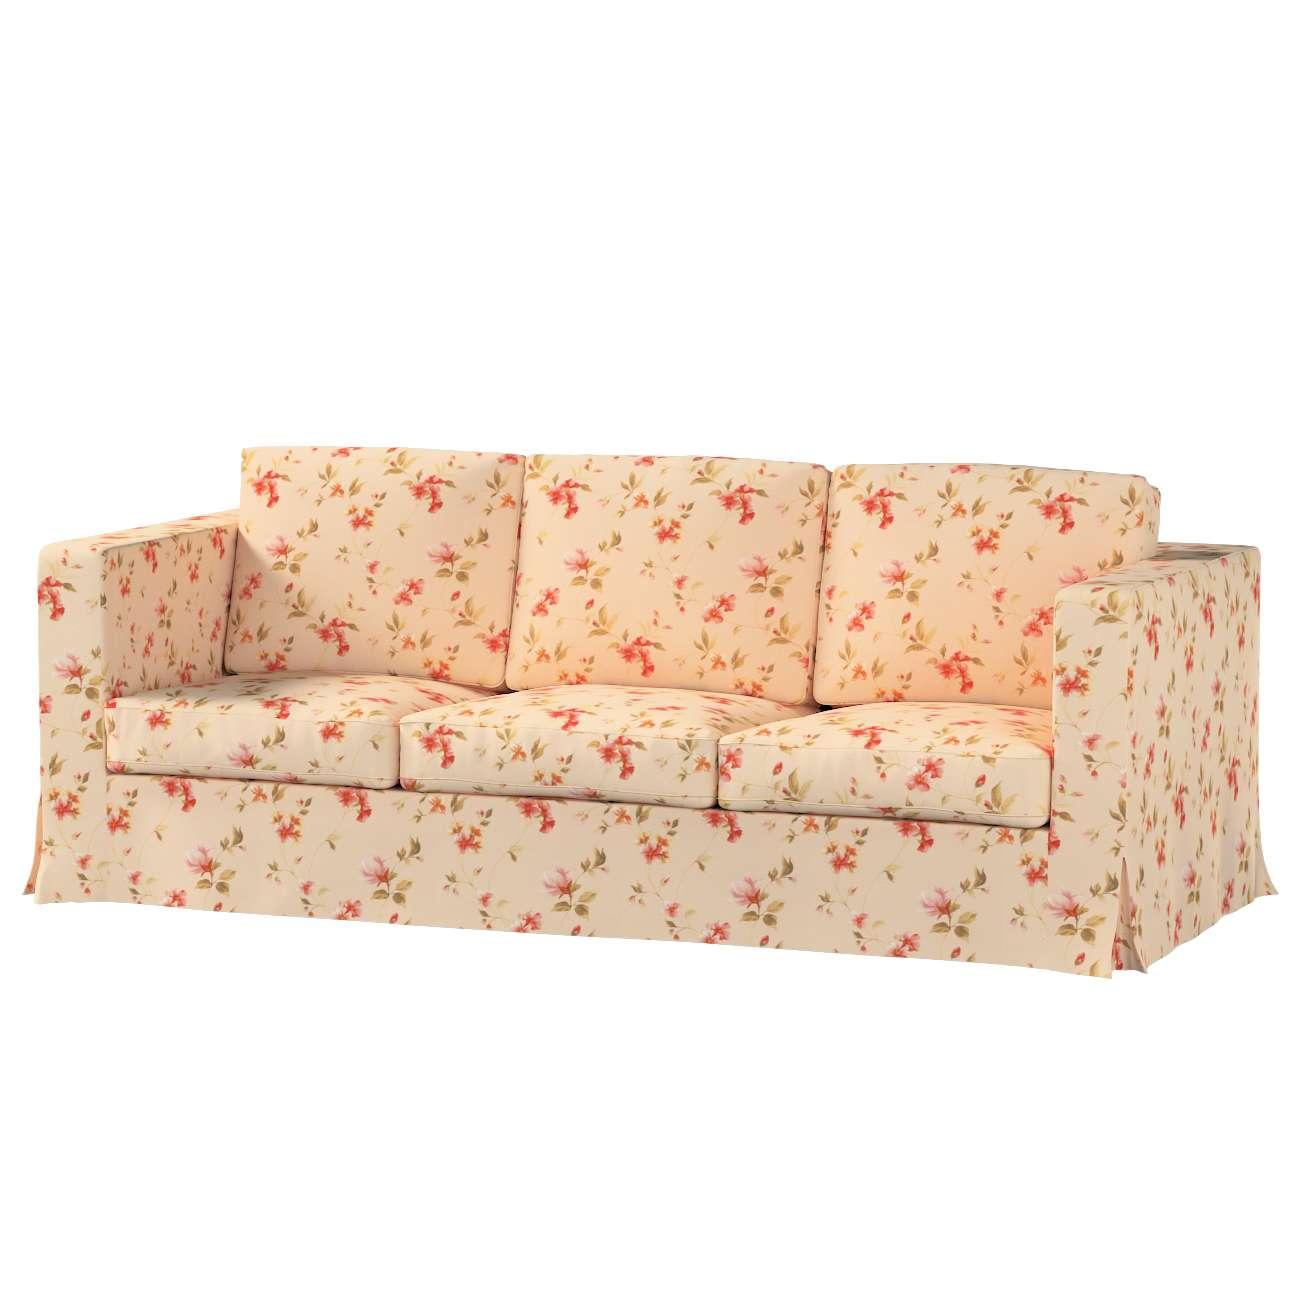 Karlanda 3-Sitzer Sofabezug nicht ausklappbar lang von der Kollektion Londres, Stoff: 124-05